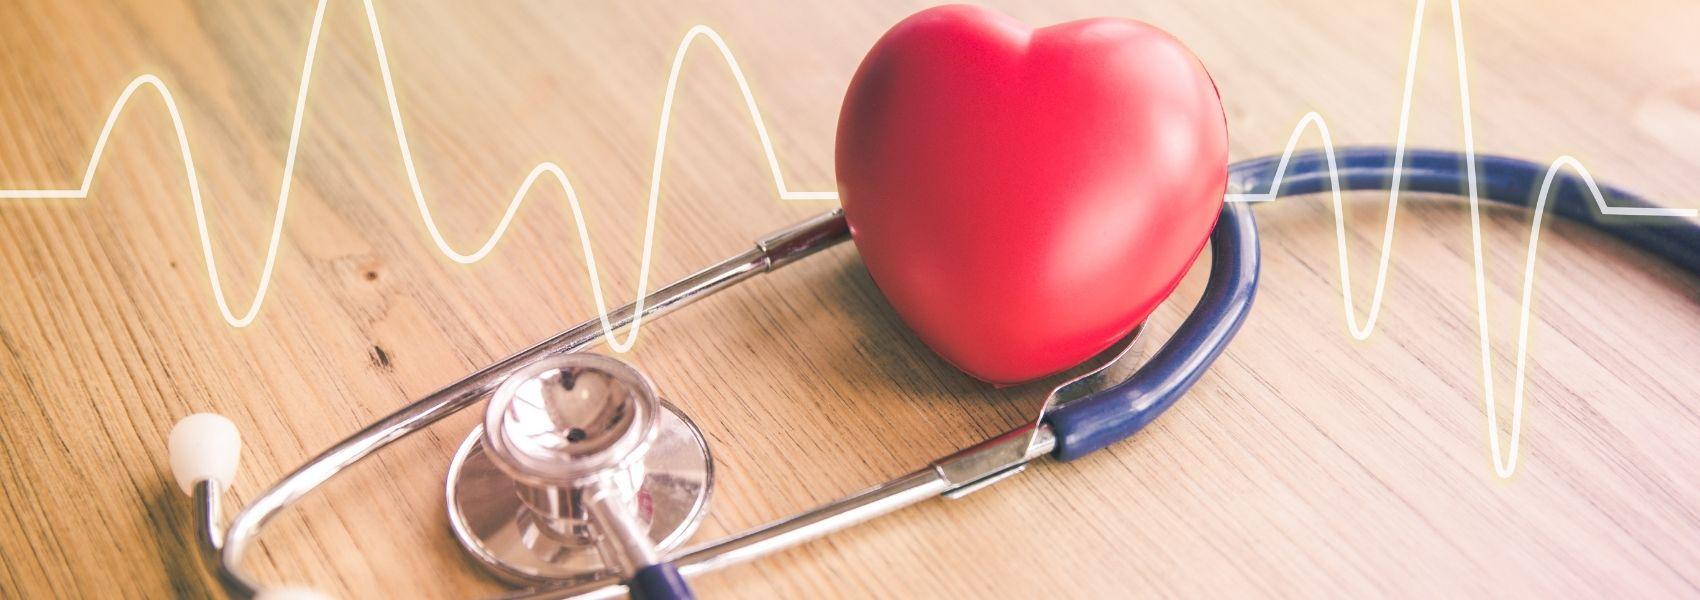 Hospital Cruz Vermelha abre centro inovador para tratar doenças cardiovasculares